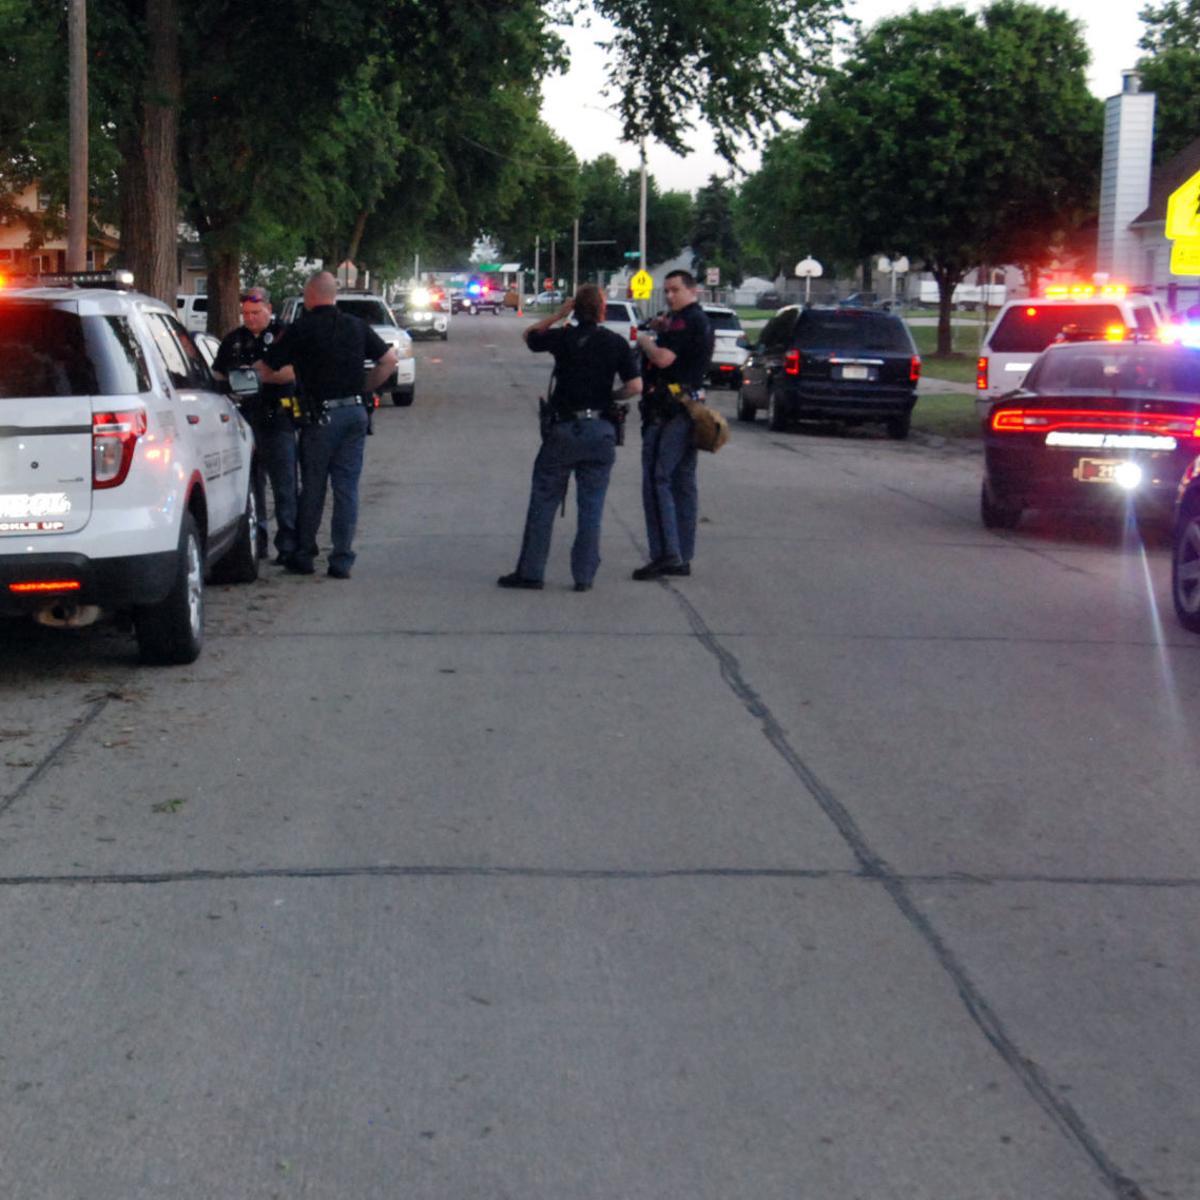 You've been served: Law enforcement talk arrest warrant